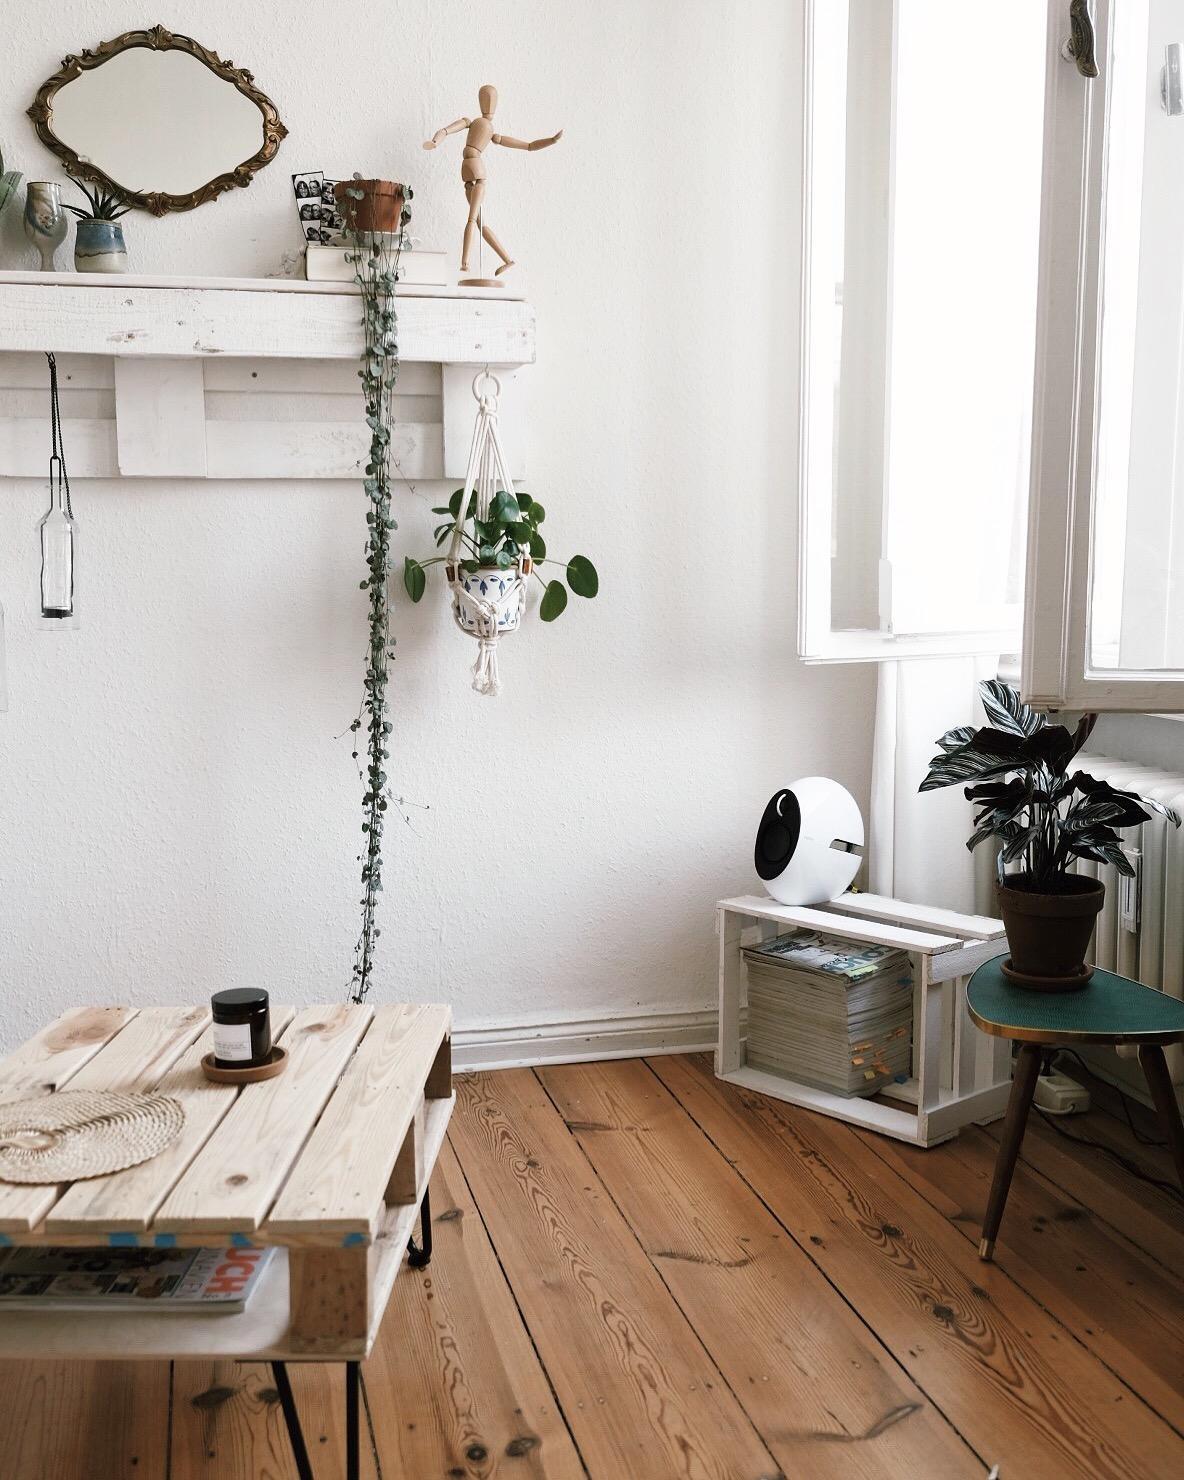 Wohnzimmereinblick Wohnzimmer Diy Couchtisch Alt